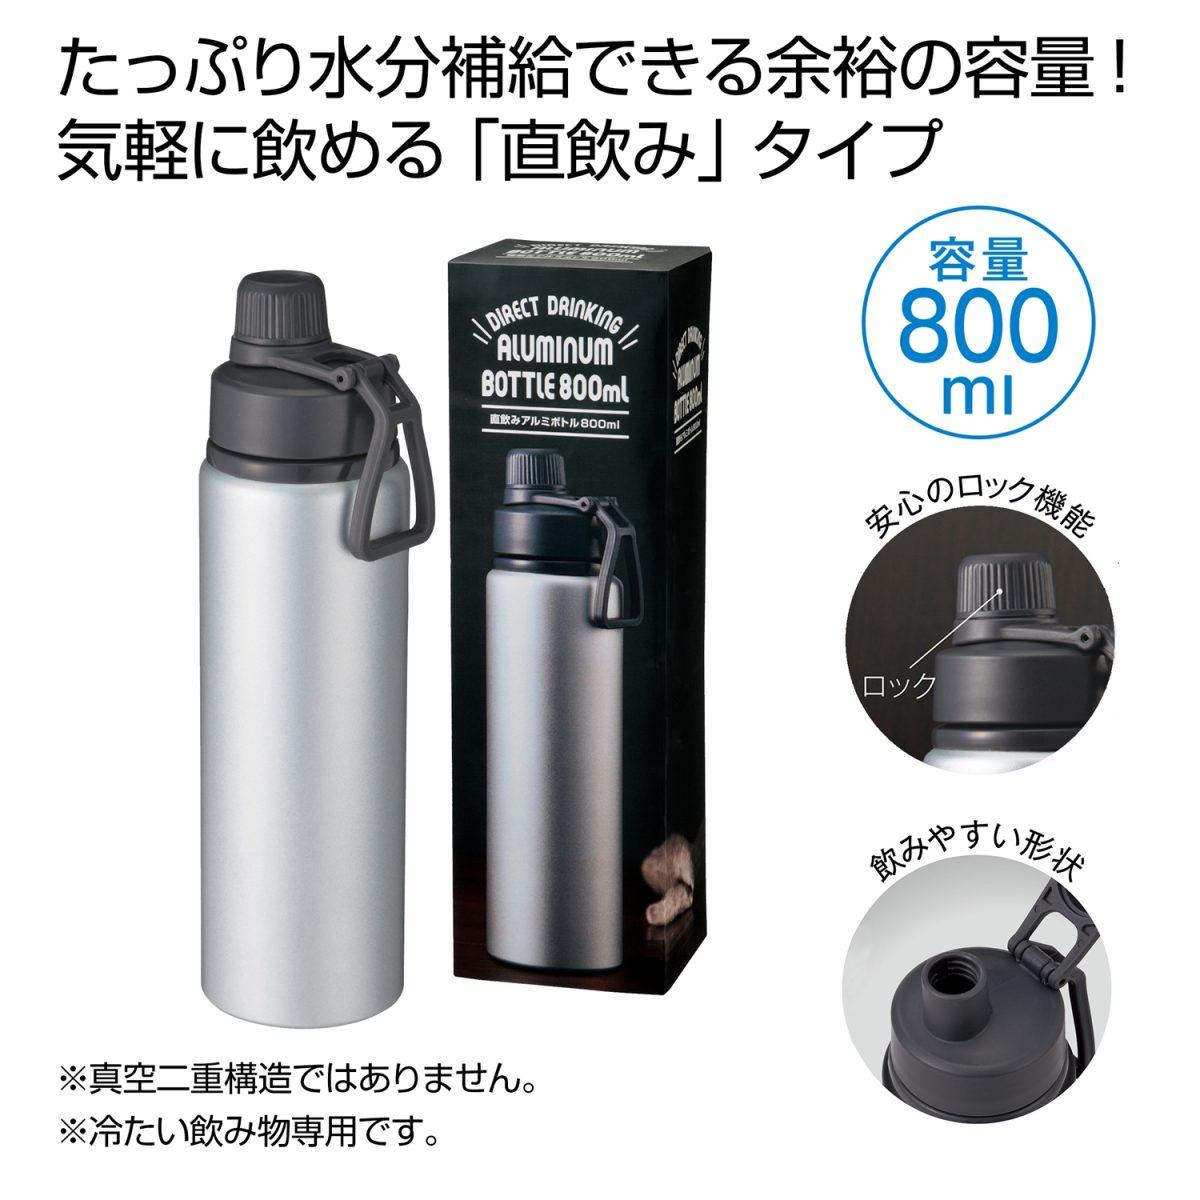 直飲みアルミボトル800ml1本(シルバー)